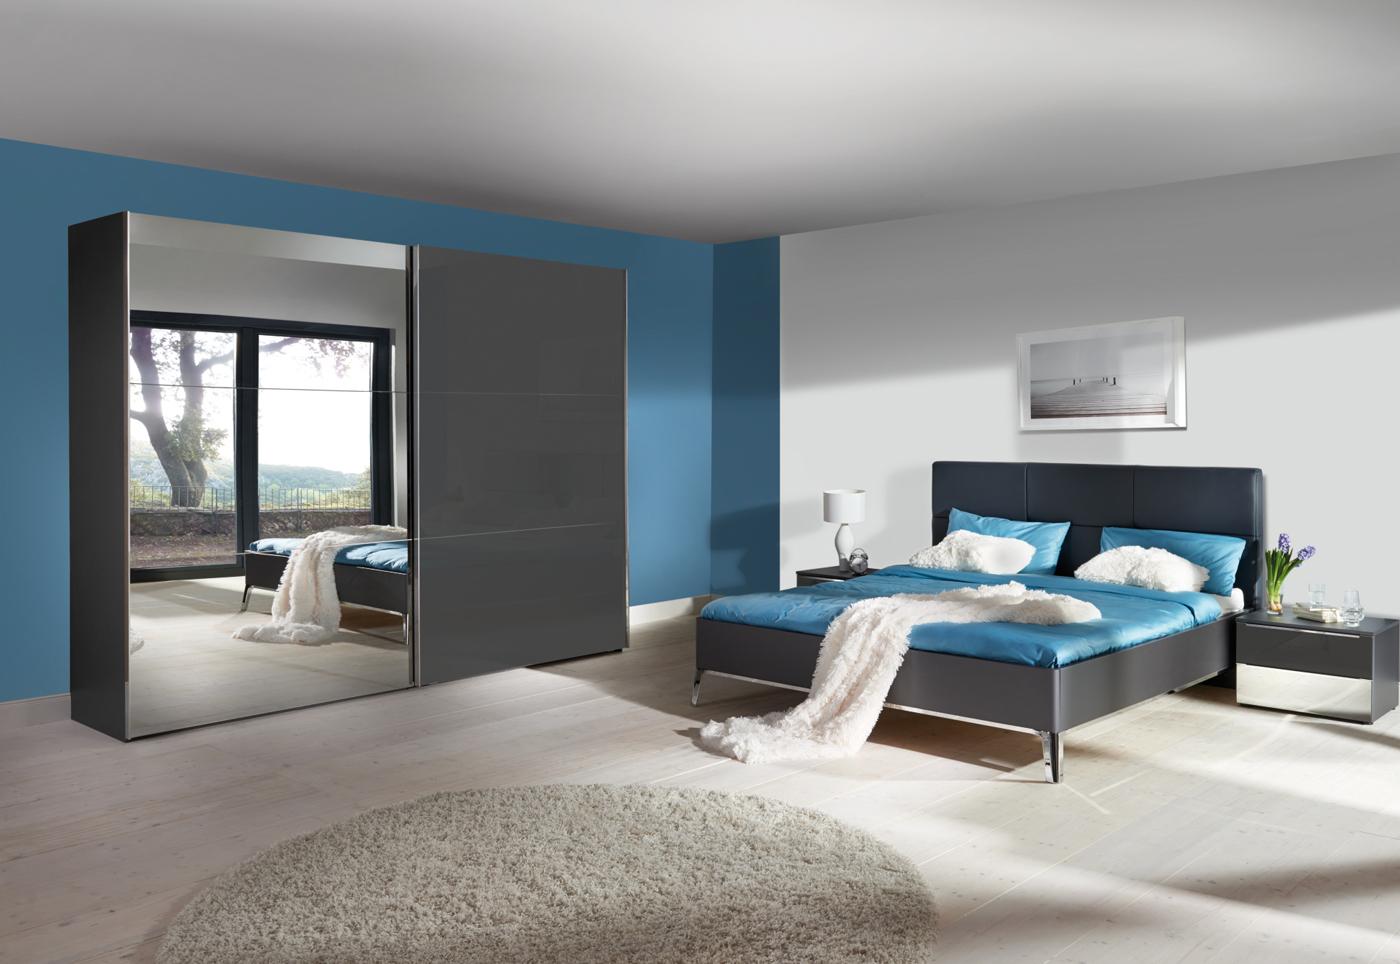 Kleurencombinatie slaapkamer 9466578 - comotratarejaculacaoprecoce.info